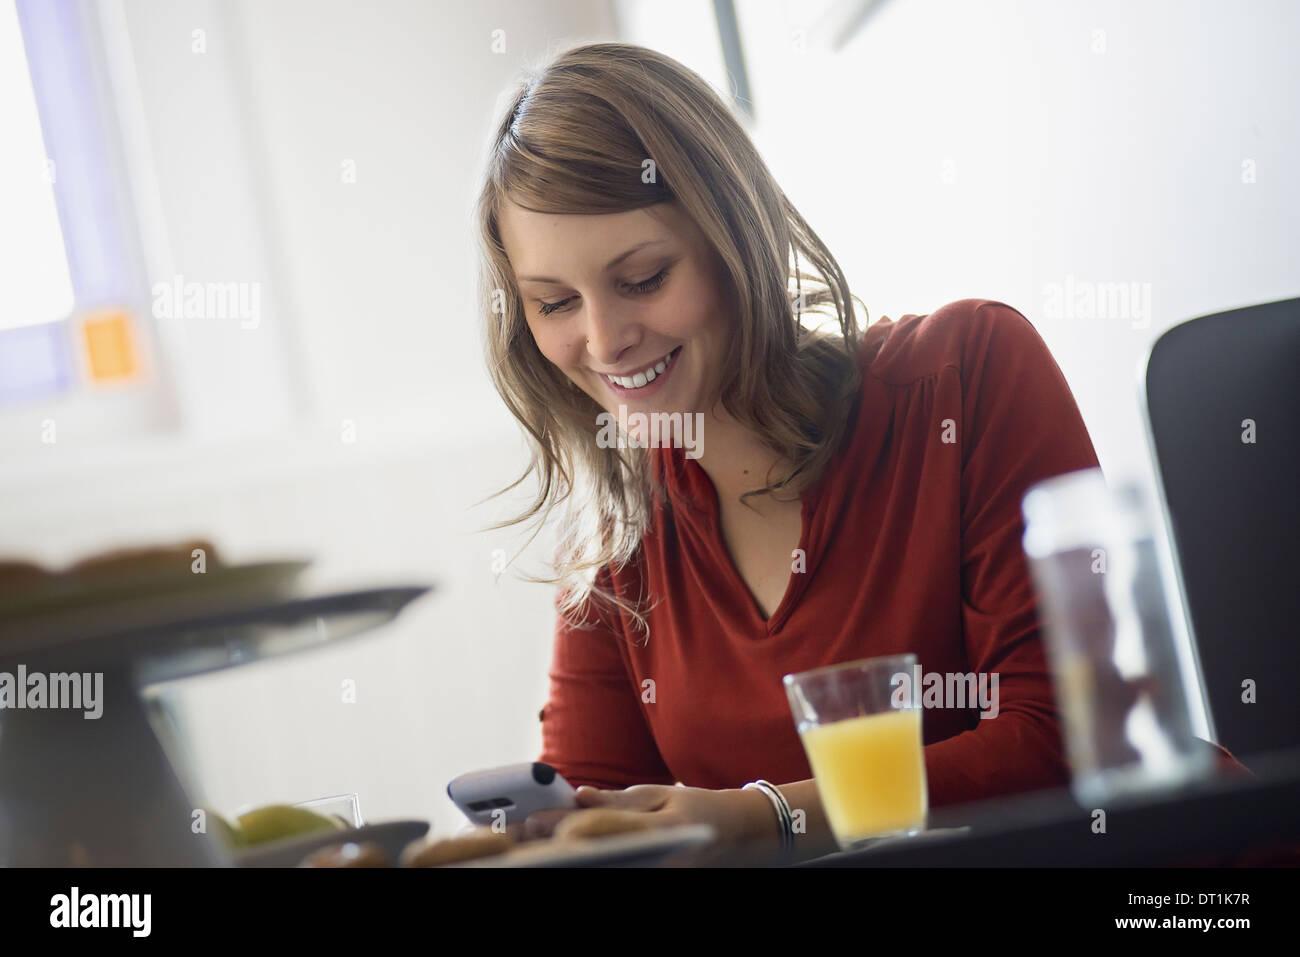 Una persona sentada en una mesa en una cafetería Imagen De Stock